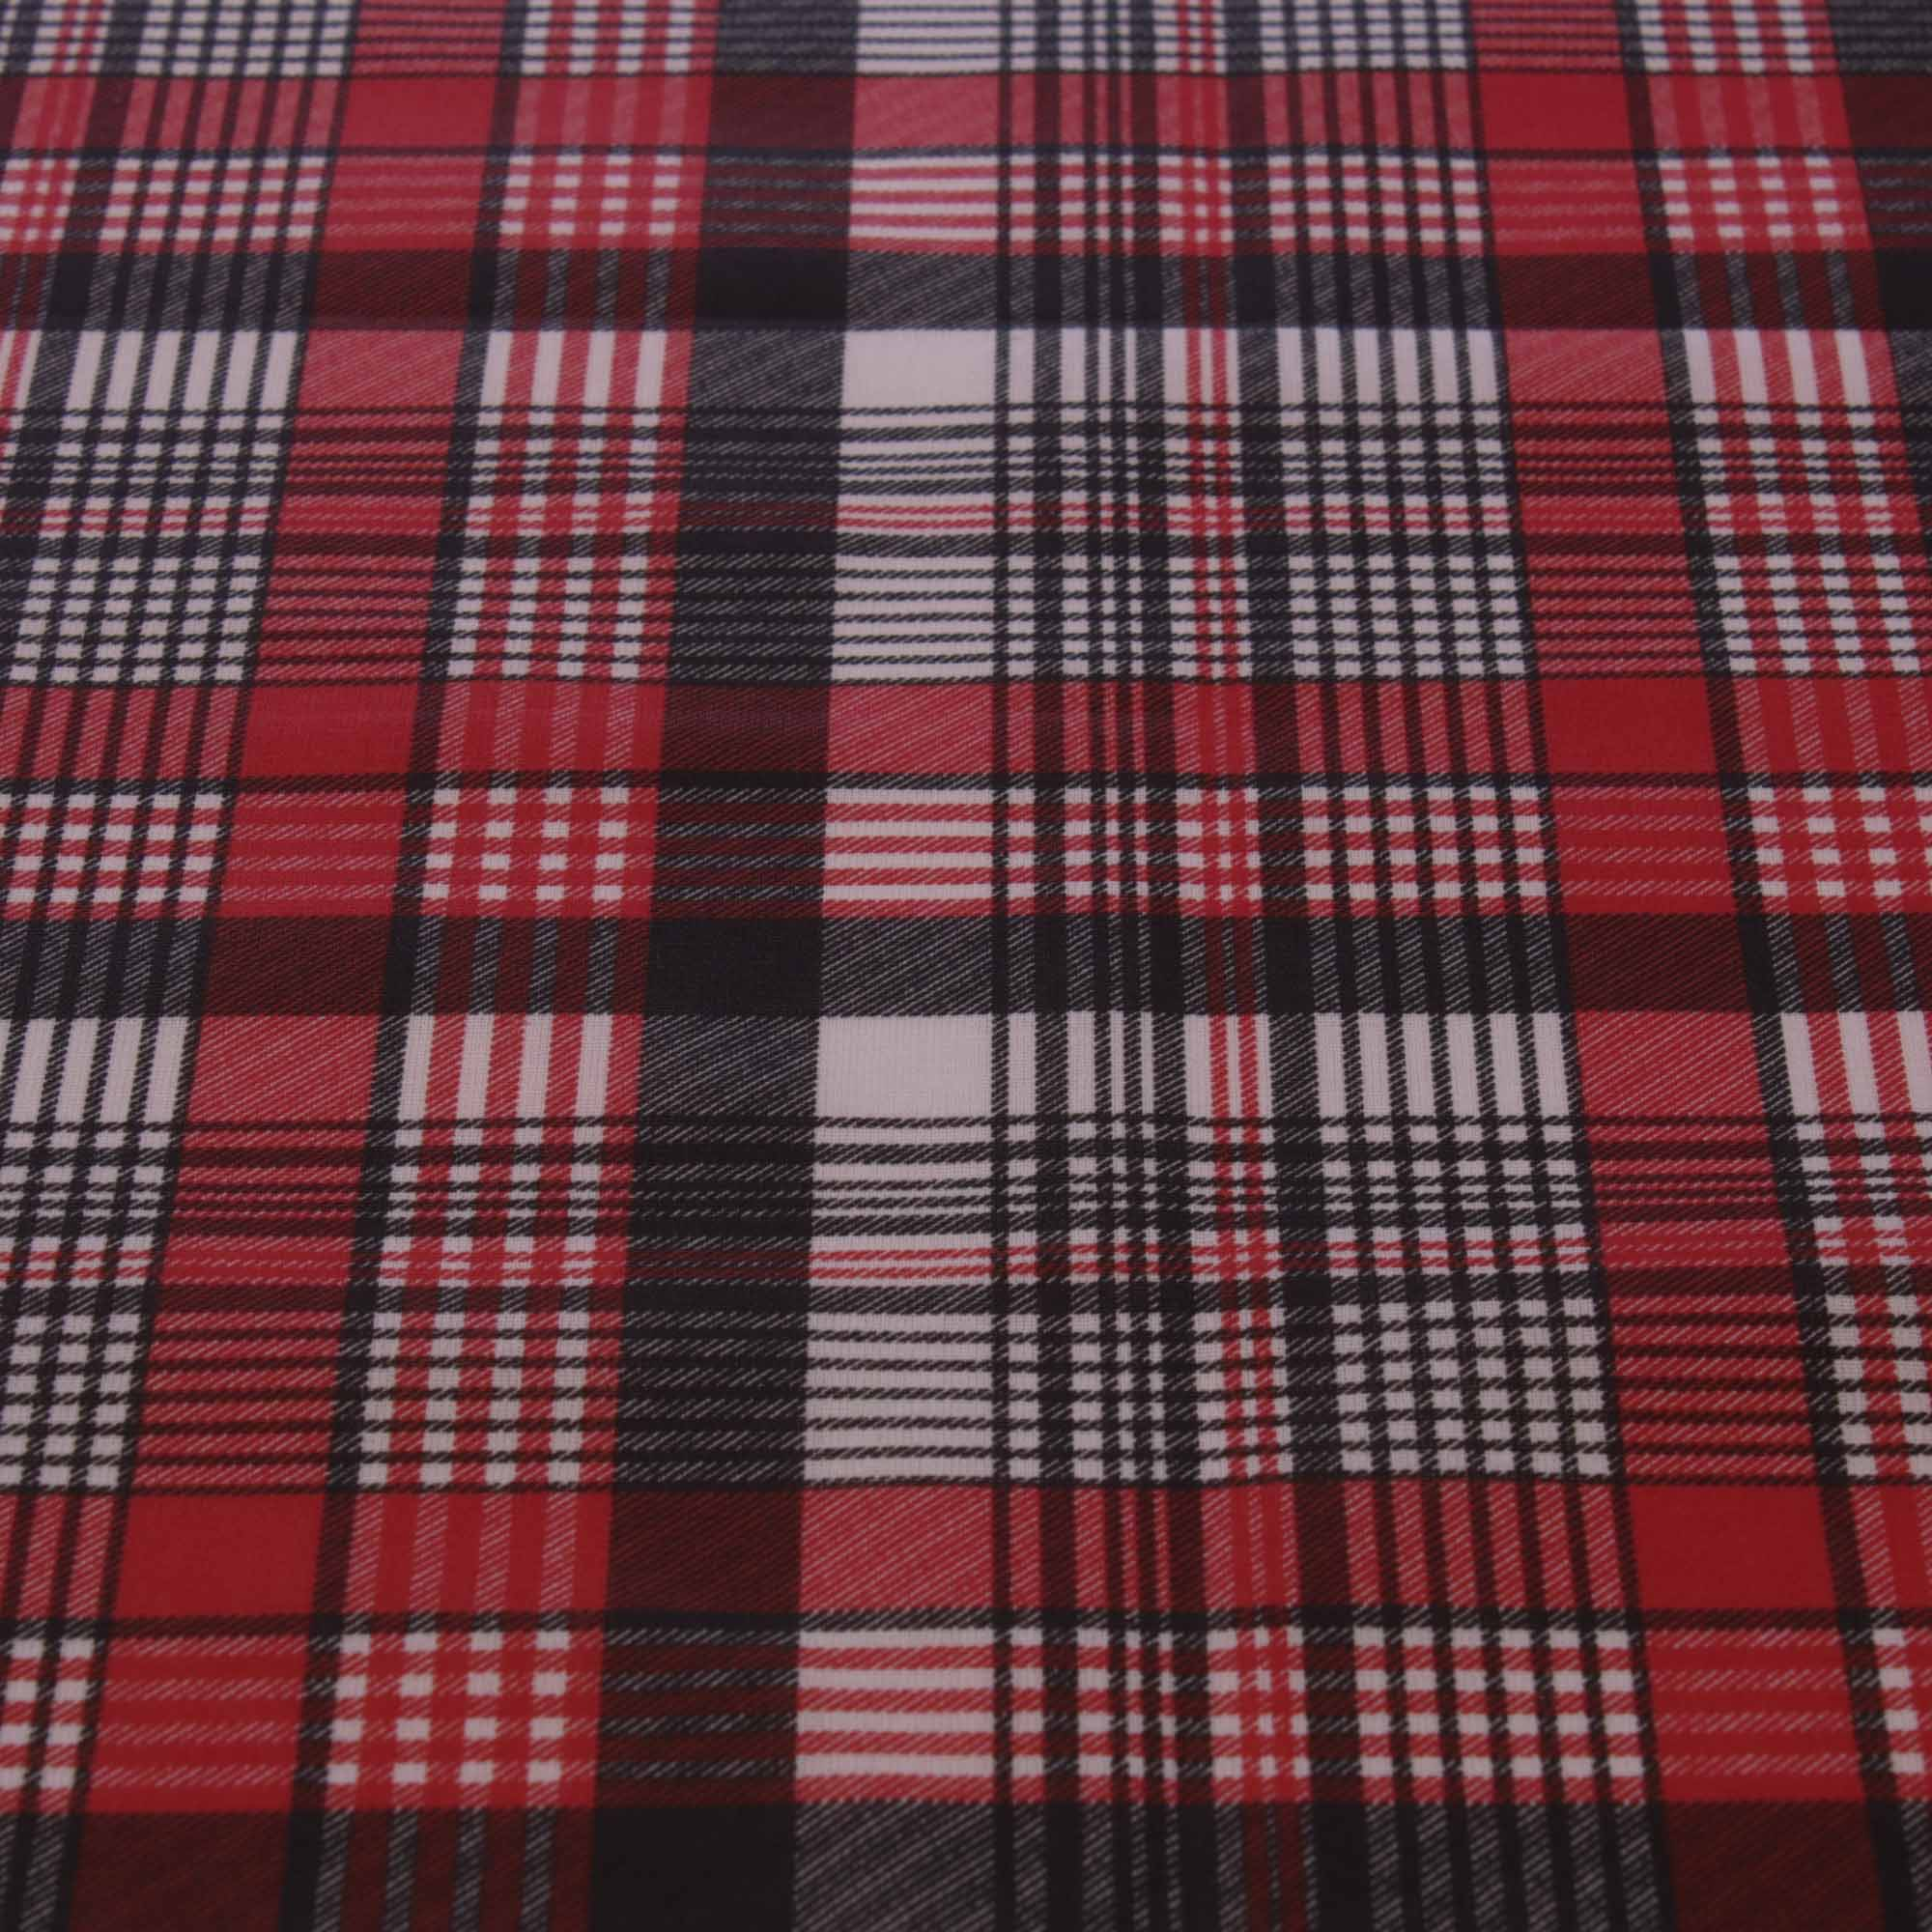 Tecido tricoline estampado xadrez 1,40 m largura vermelho